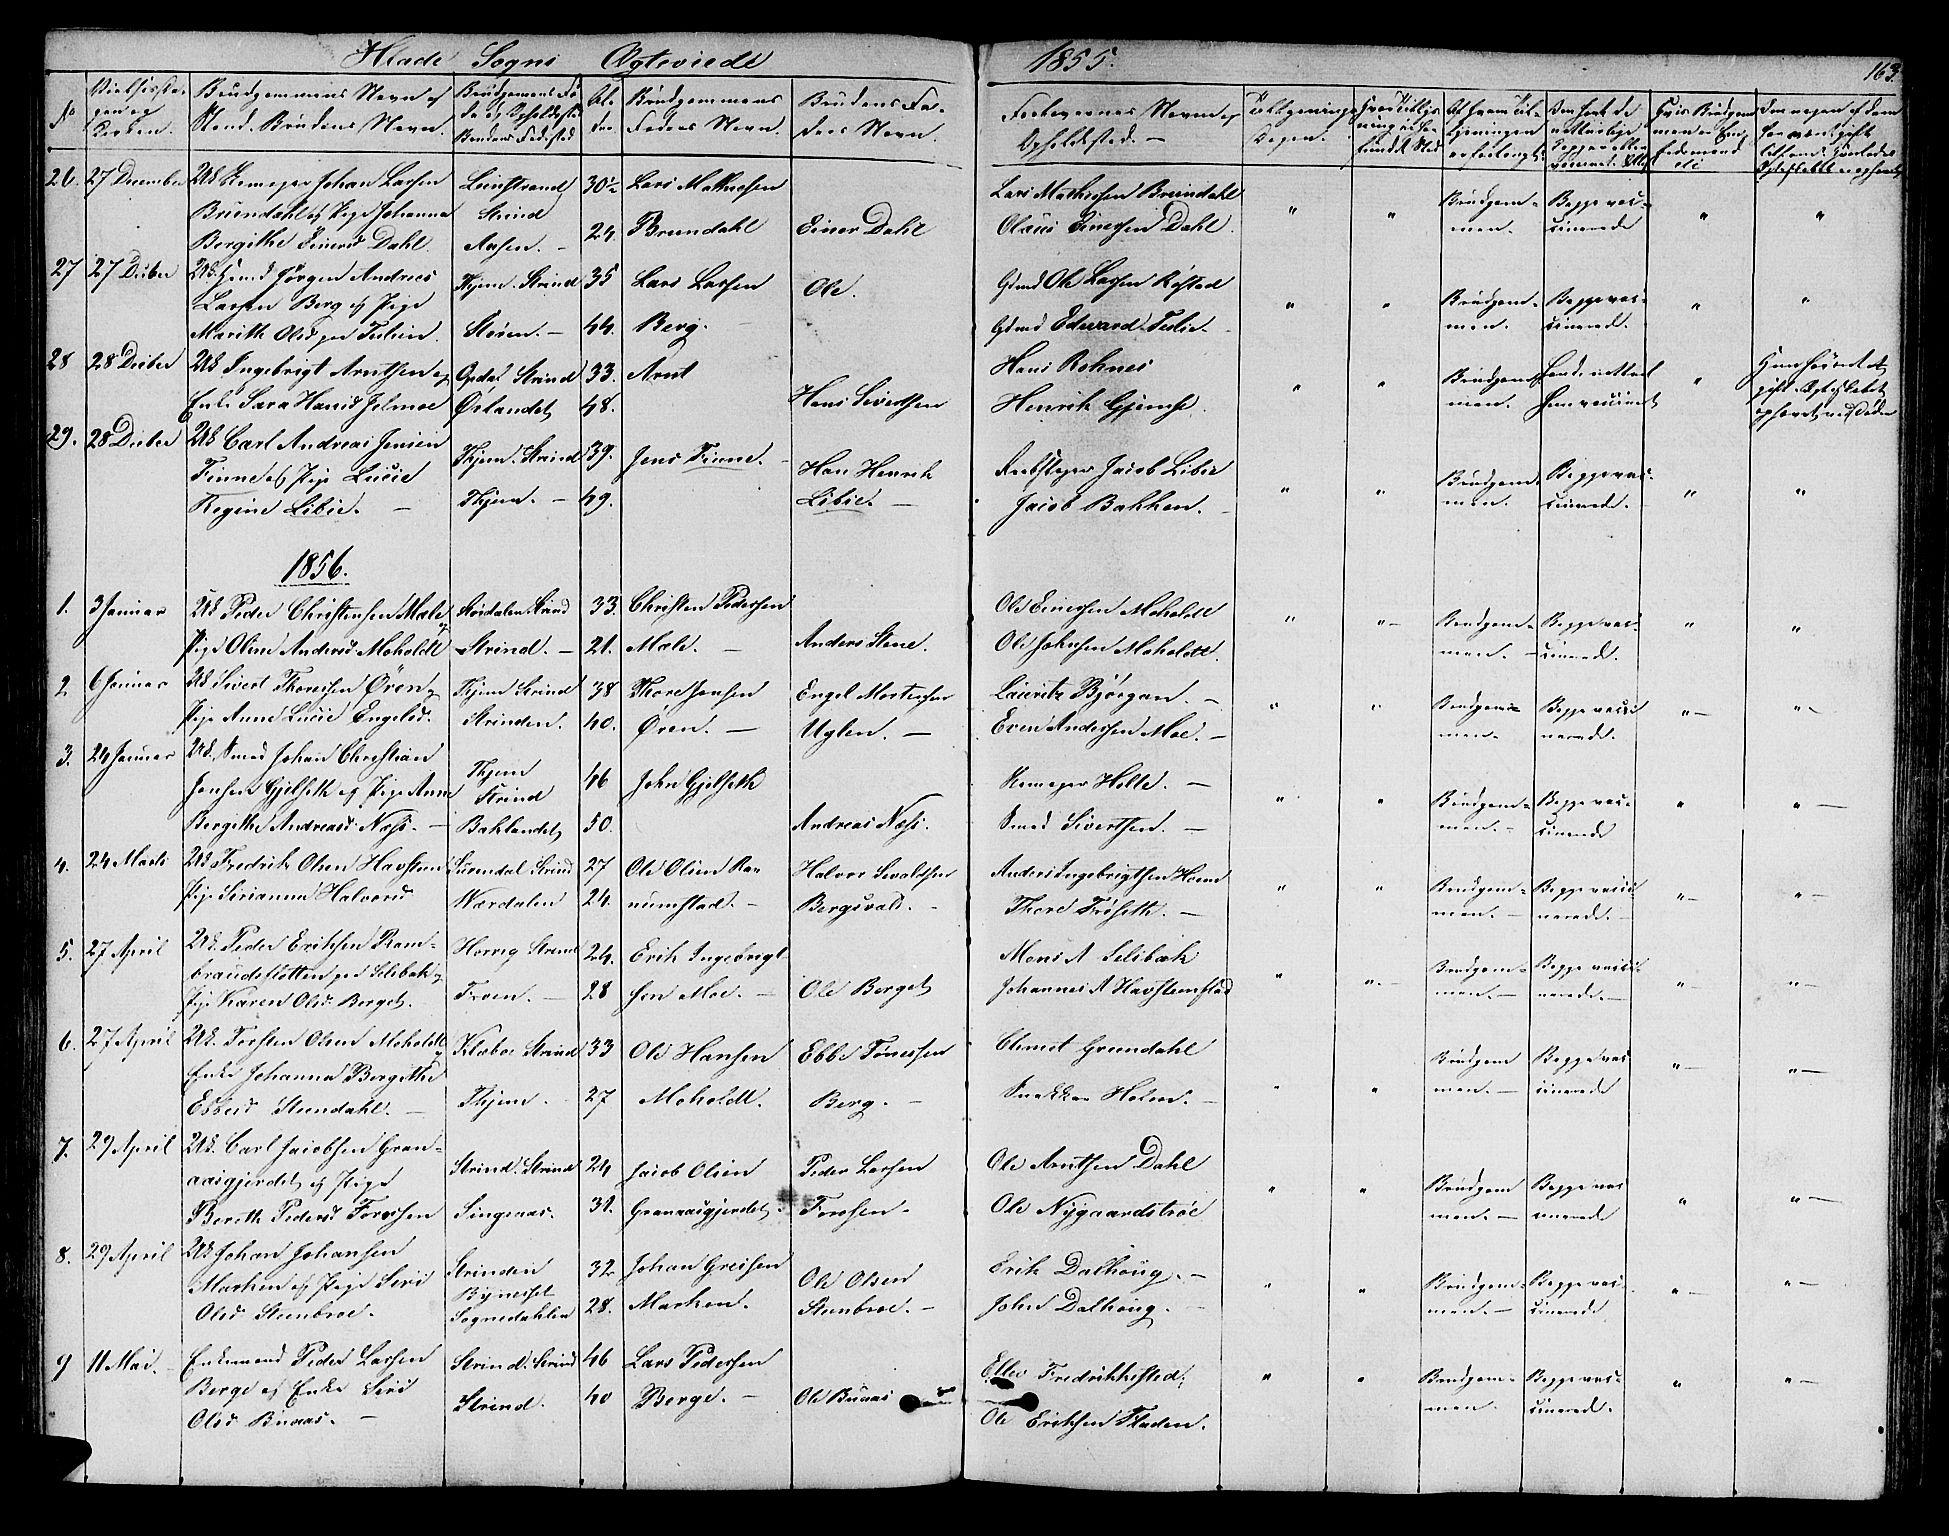 SAT, Ministerialprotokoller, klokkerbøker og fødselsregistre - Sør-Trøndelag, 606/L0310: Klokkerbok nr. 606C06, 1850-1859, s. 163